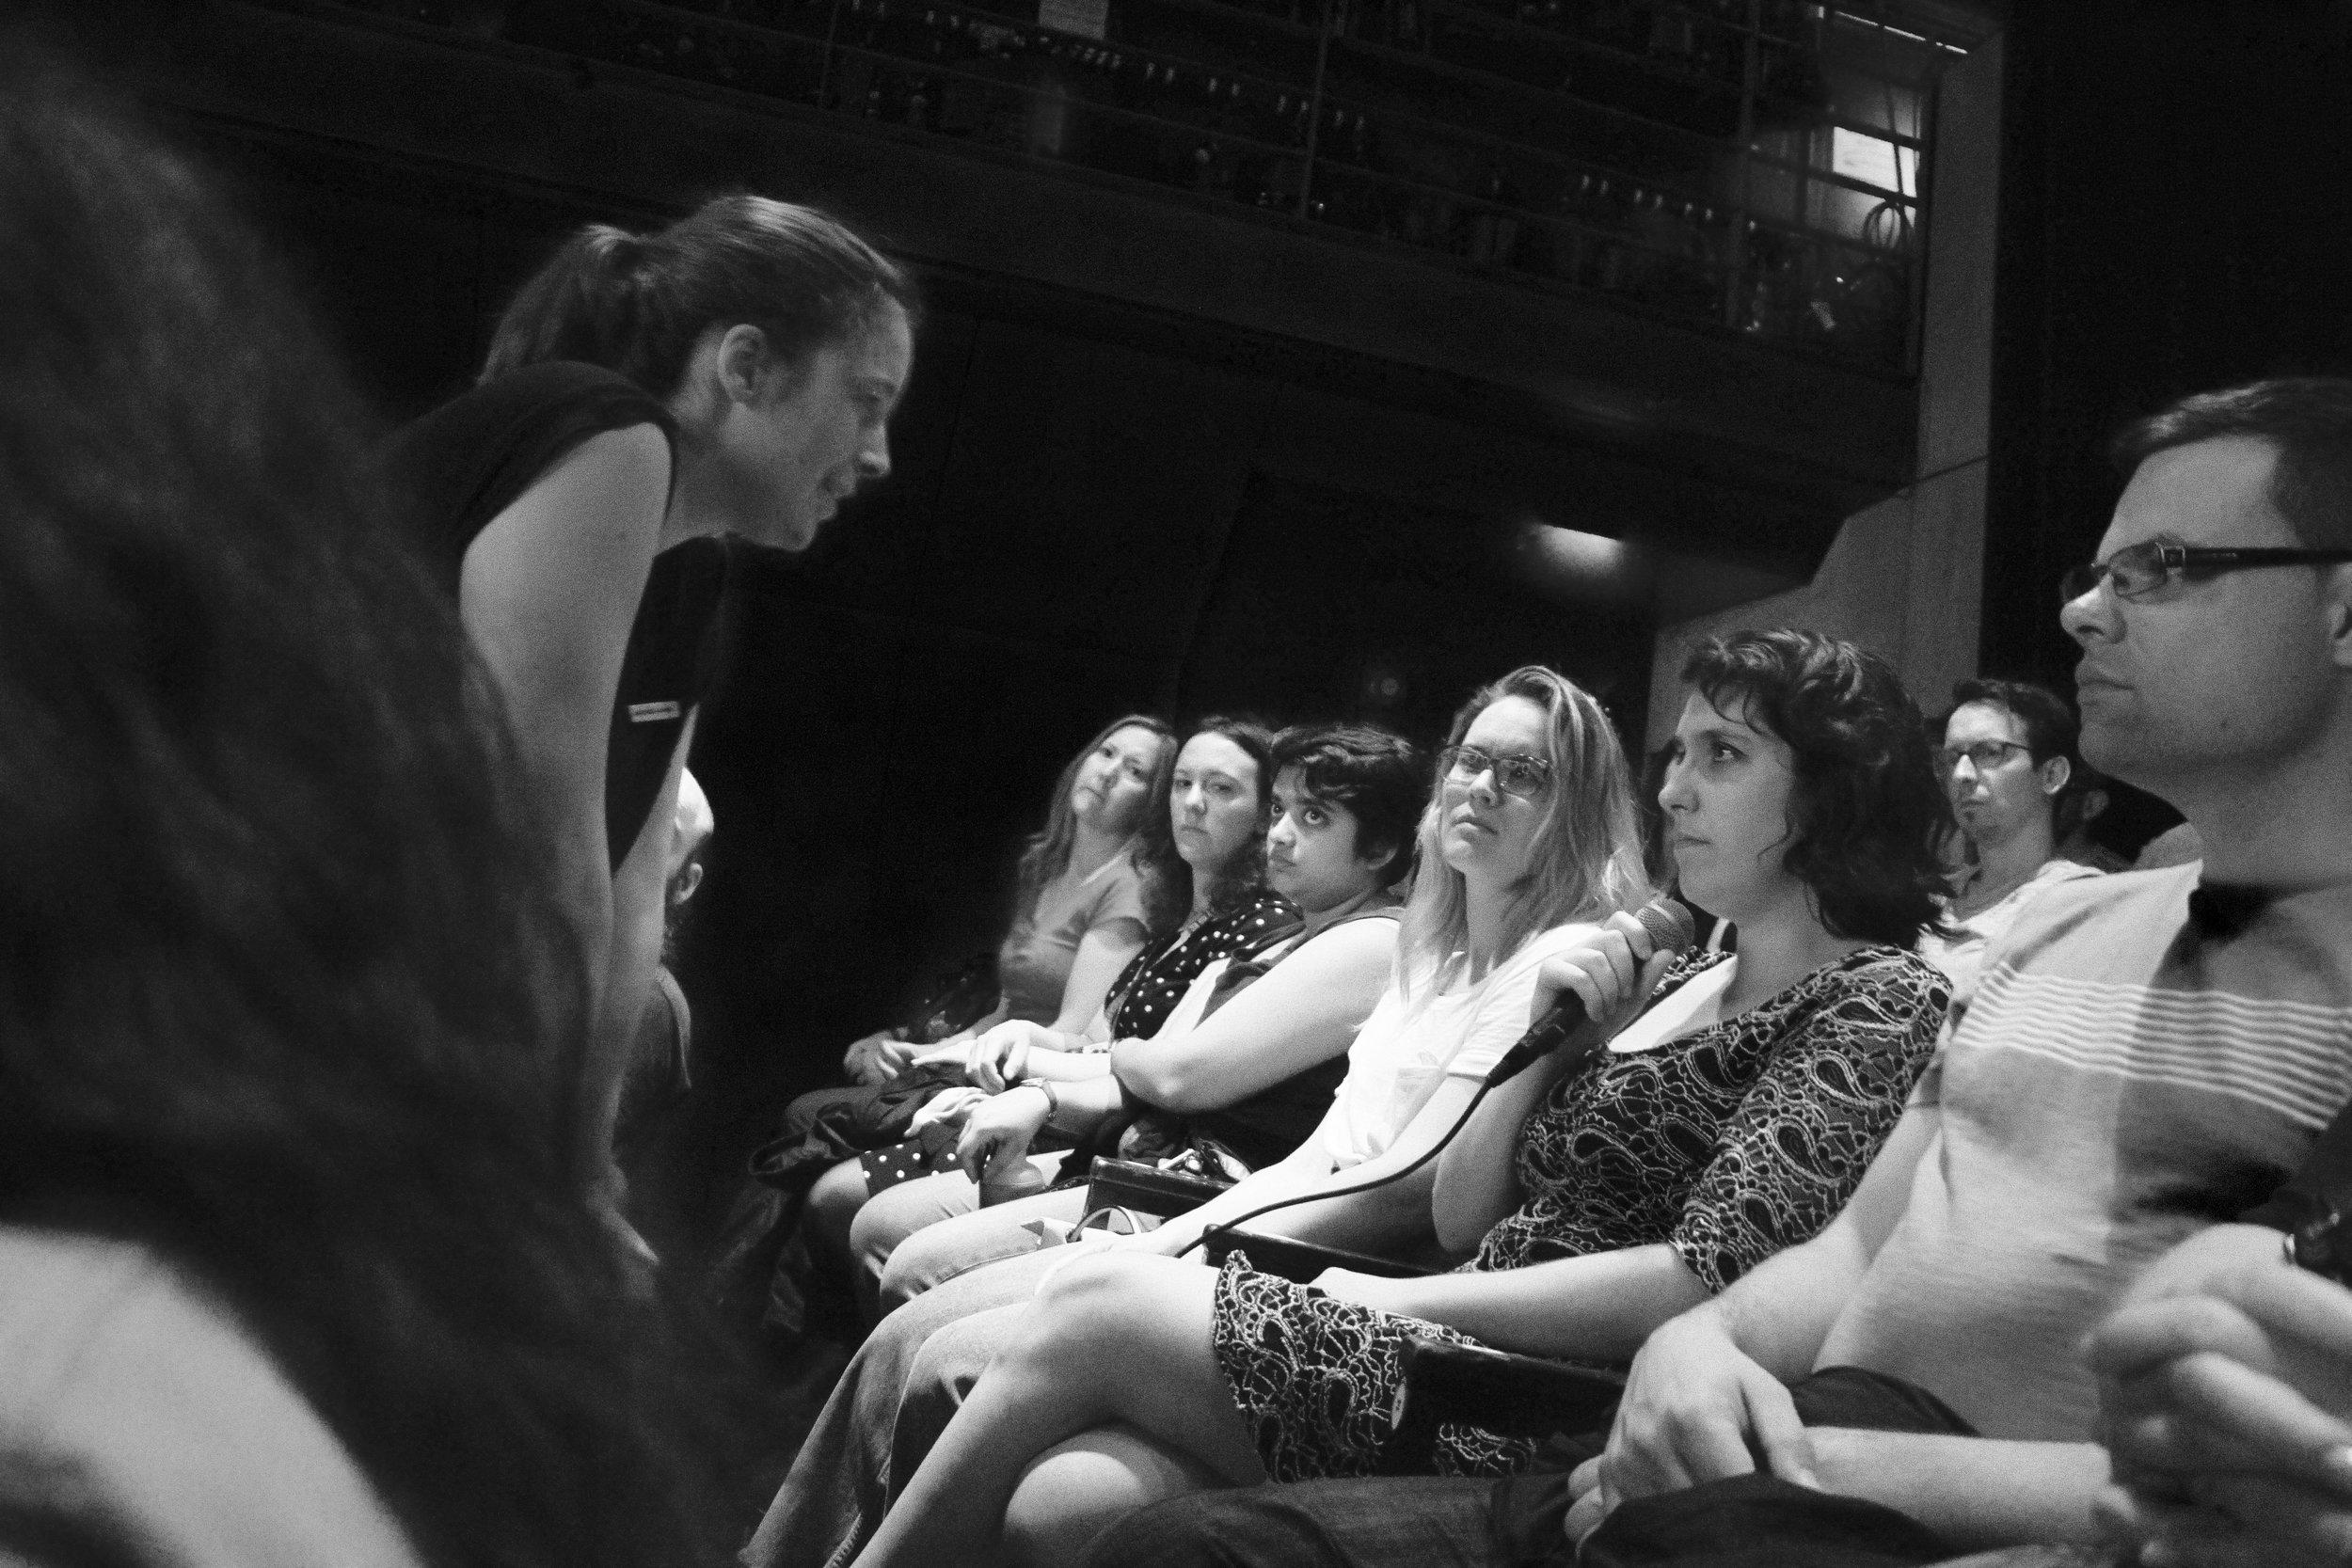 Andrée-Anne Giguère parle avec l'autrice, Marie Ayotte, assise parmi le public.